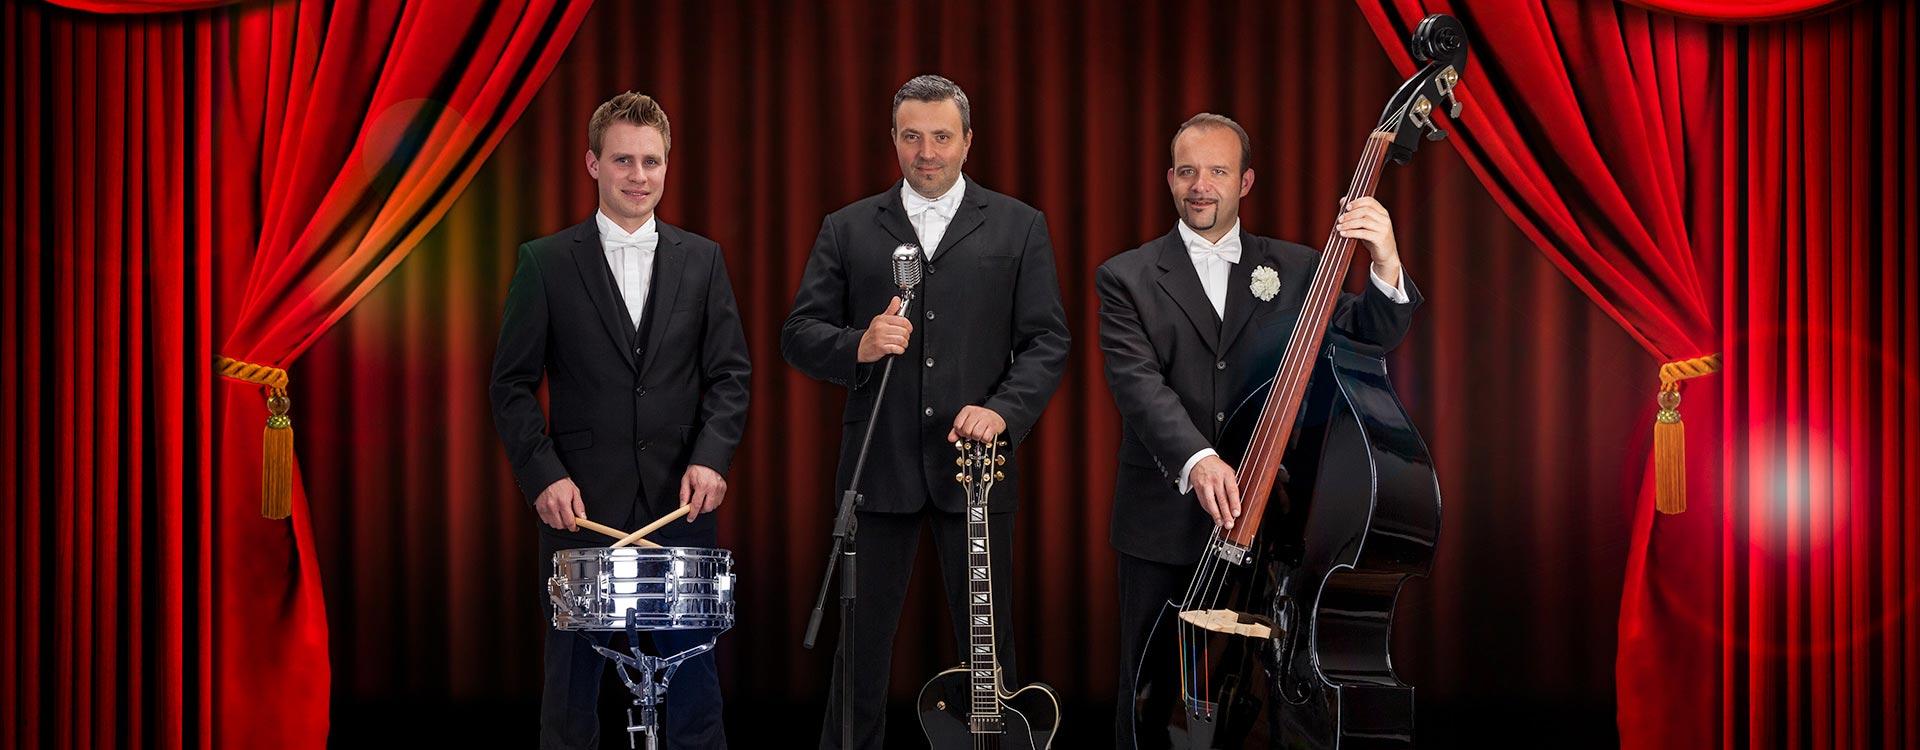 Kranzlers, Music, Band, Ortenau, Event, Hochzeit